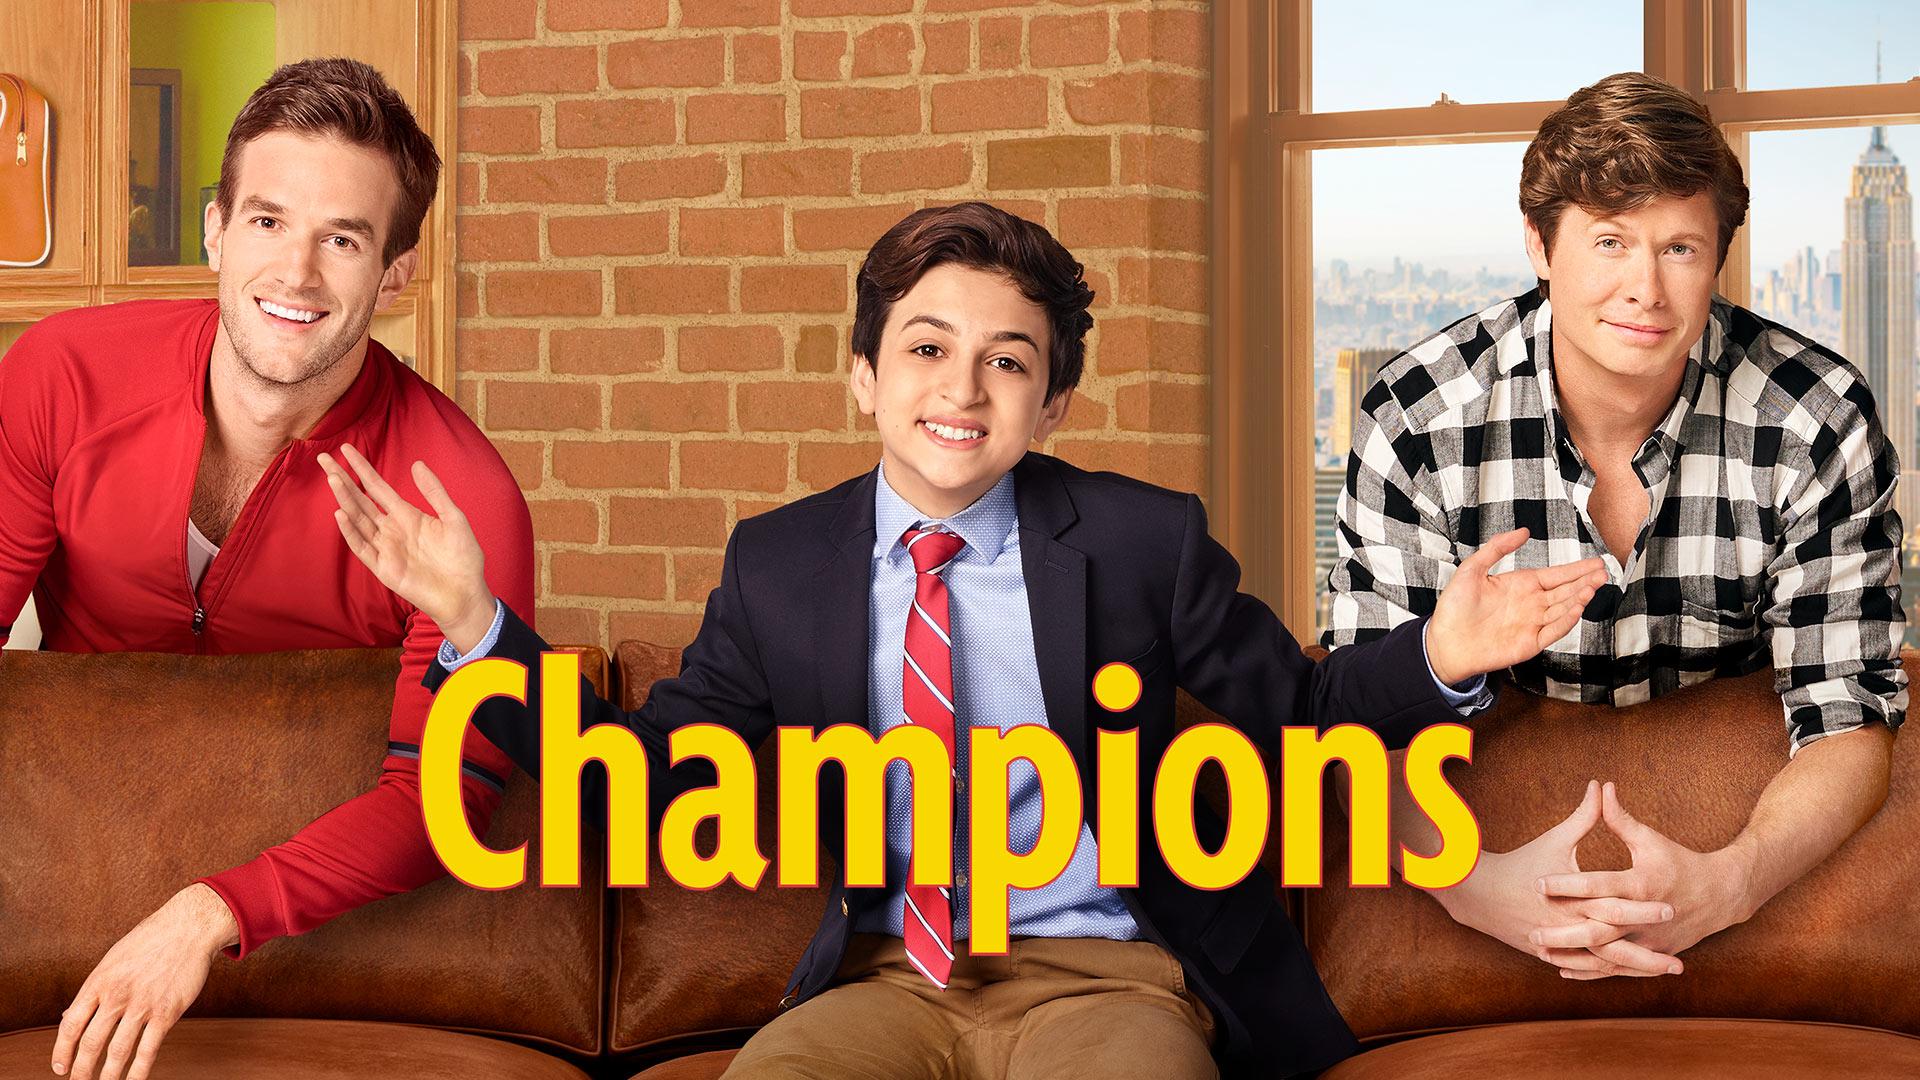 Champions Cast Nbc Com